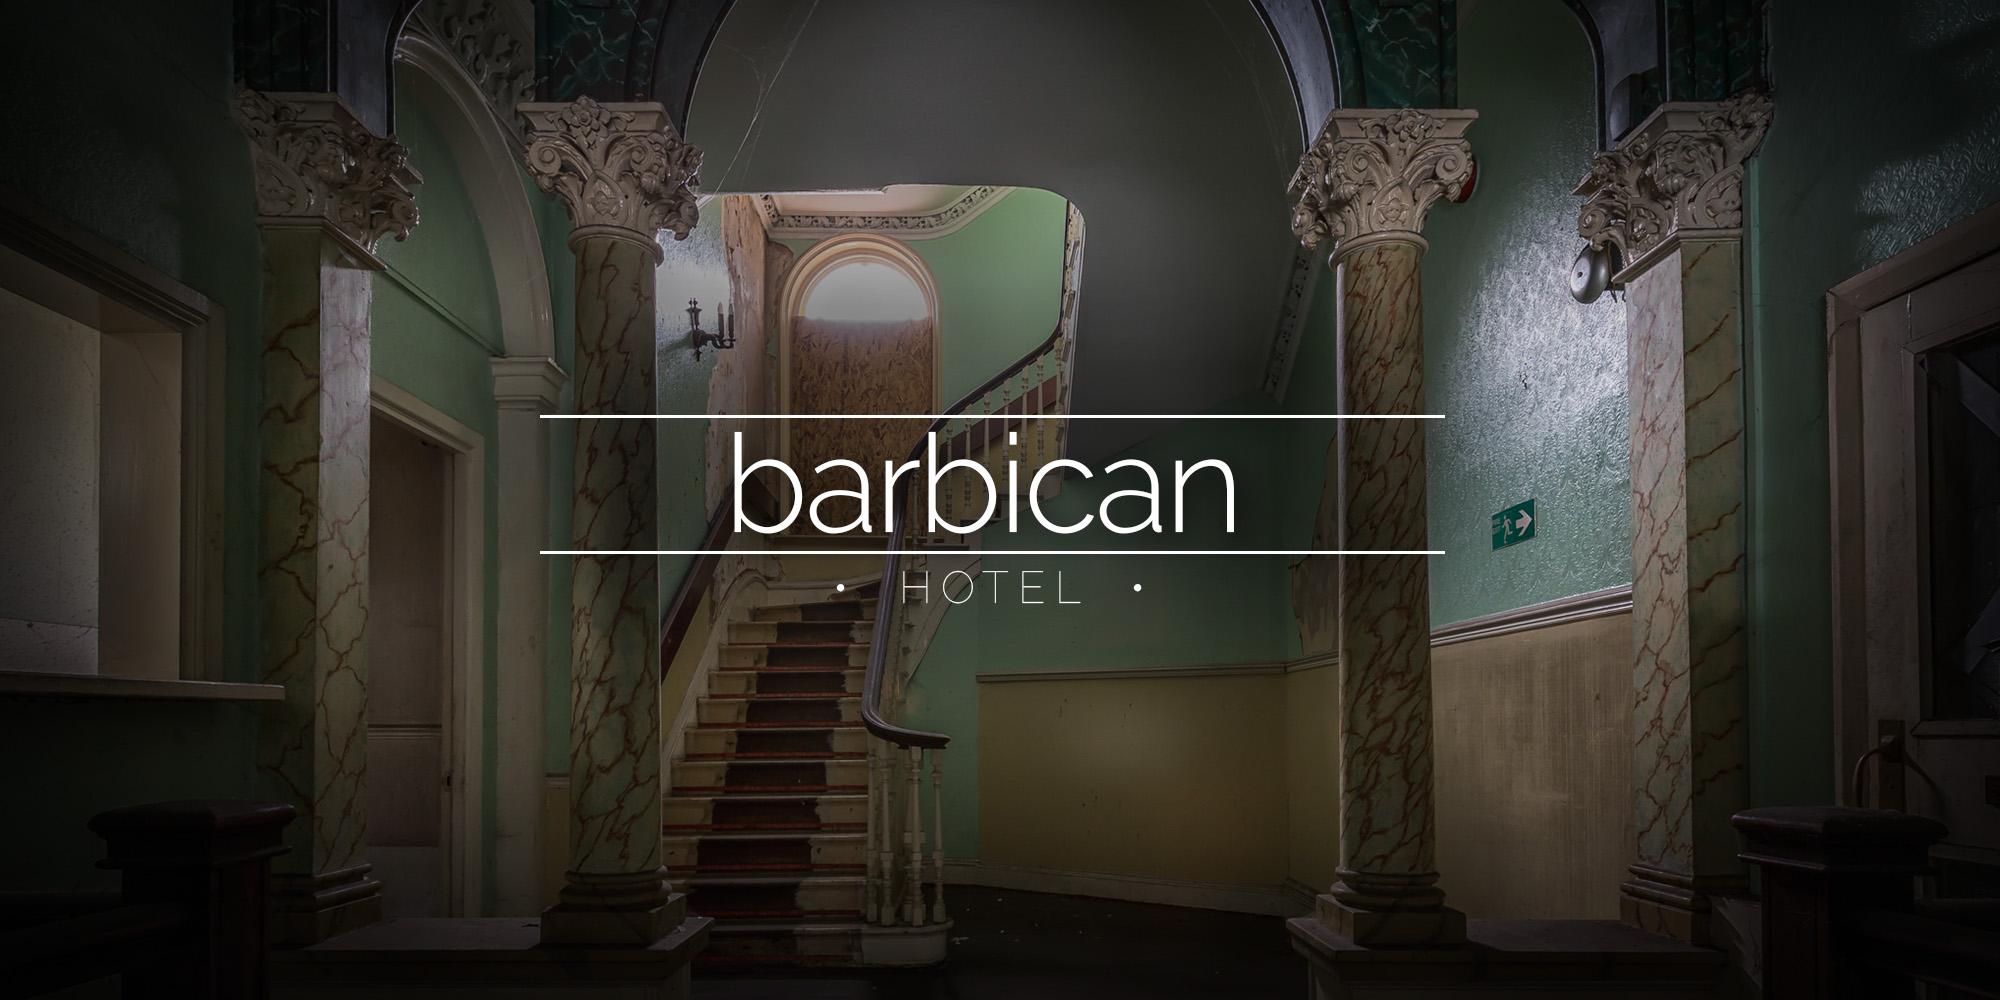 Barbican / Albion Hotel, Lincoln